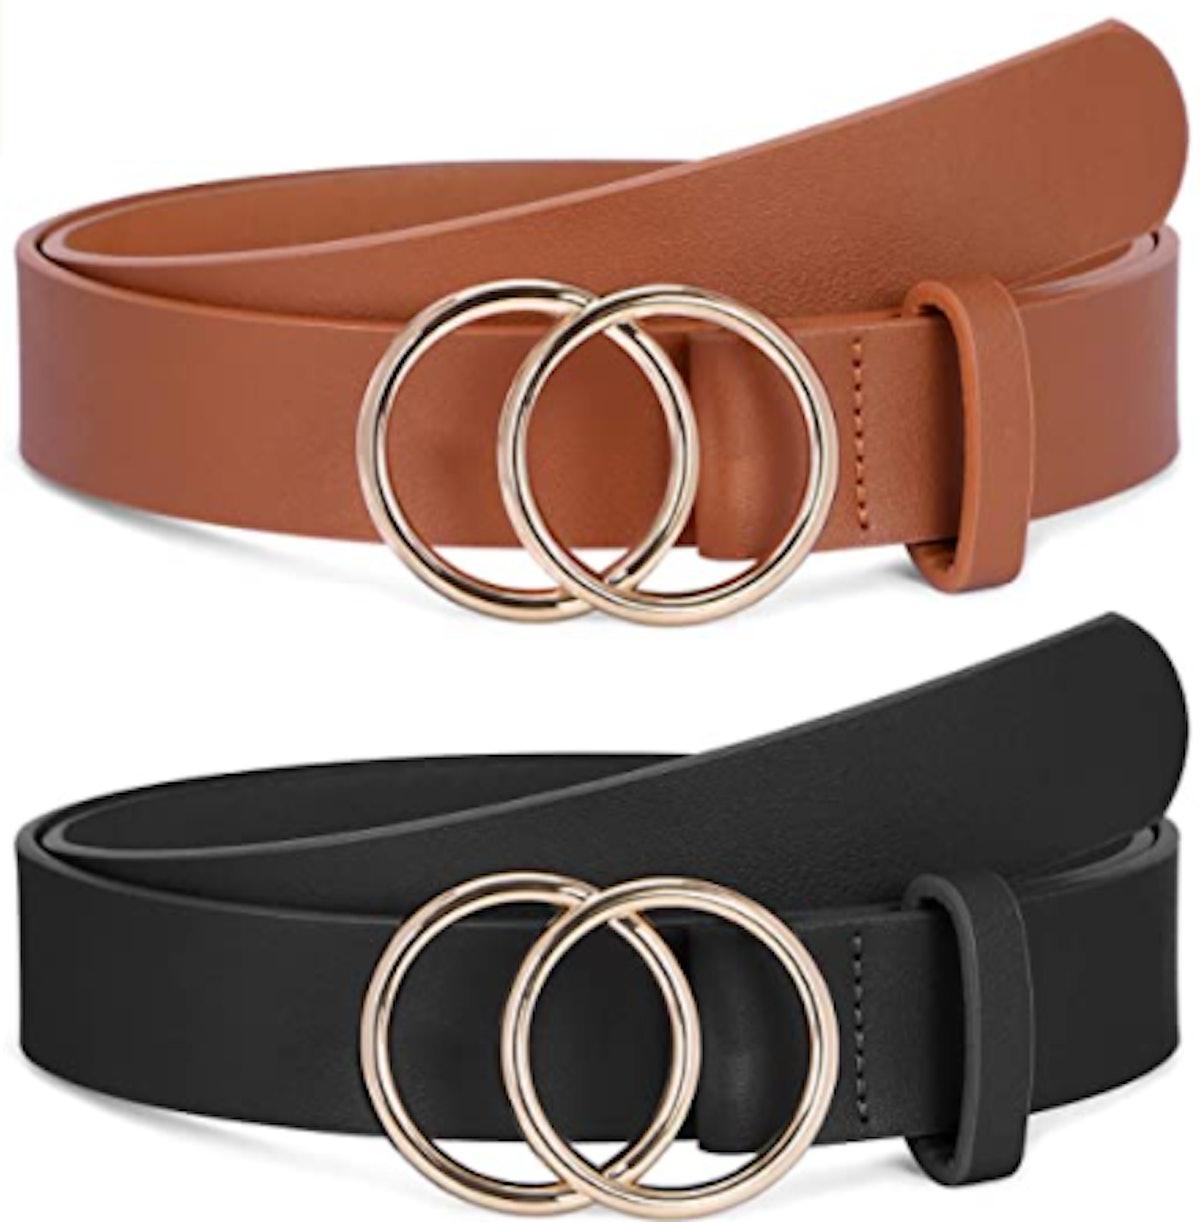 SANSTHS Faux Leather Belts (2 Pack)